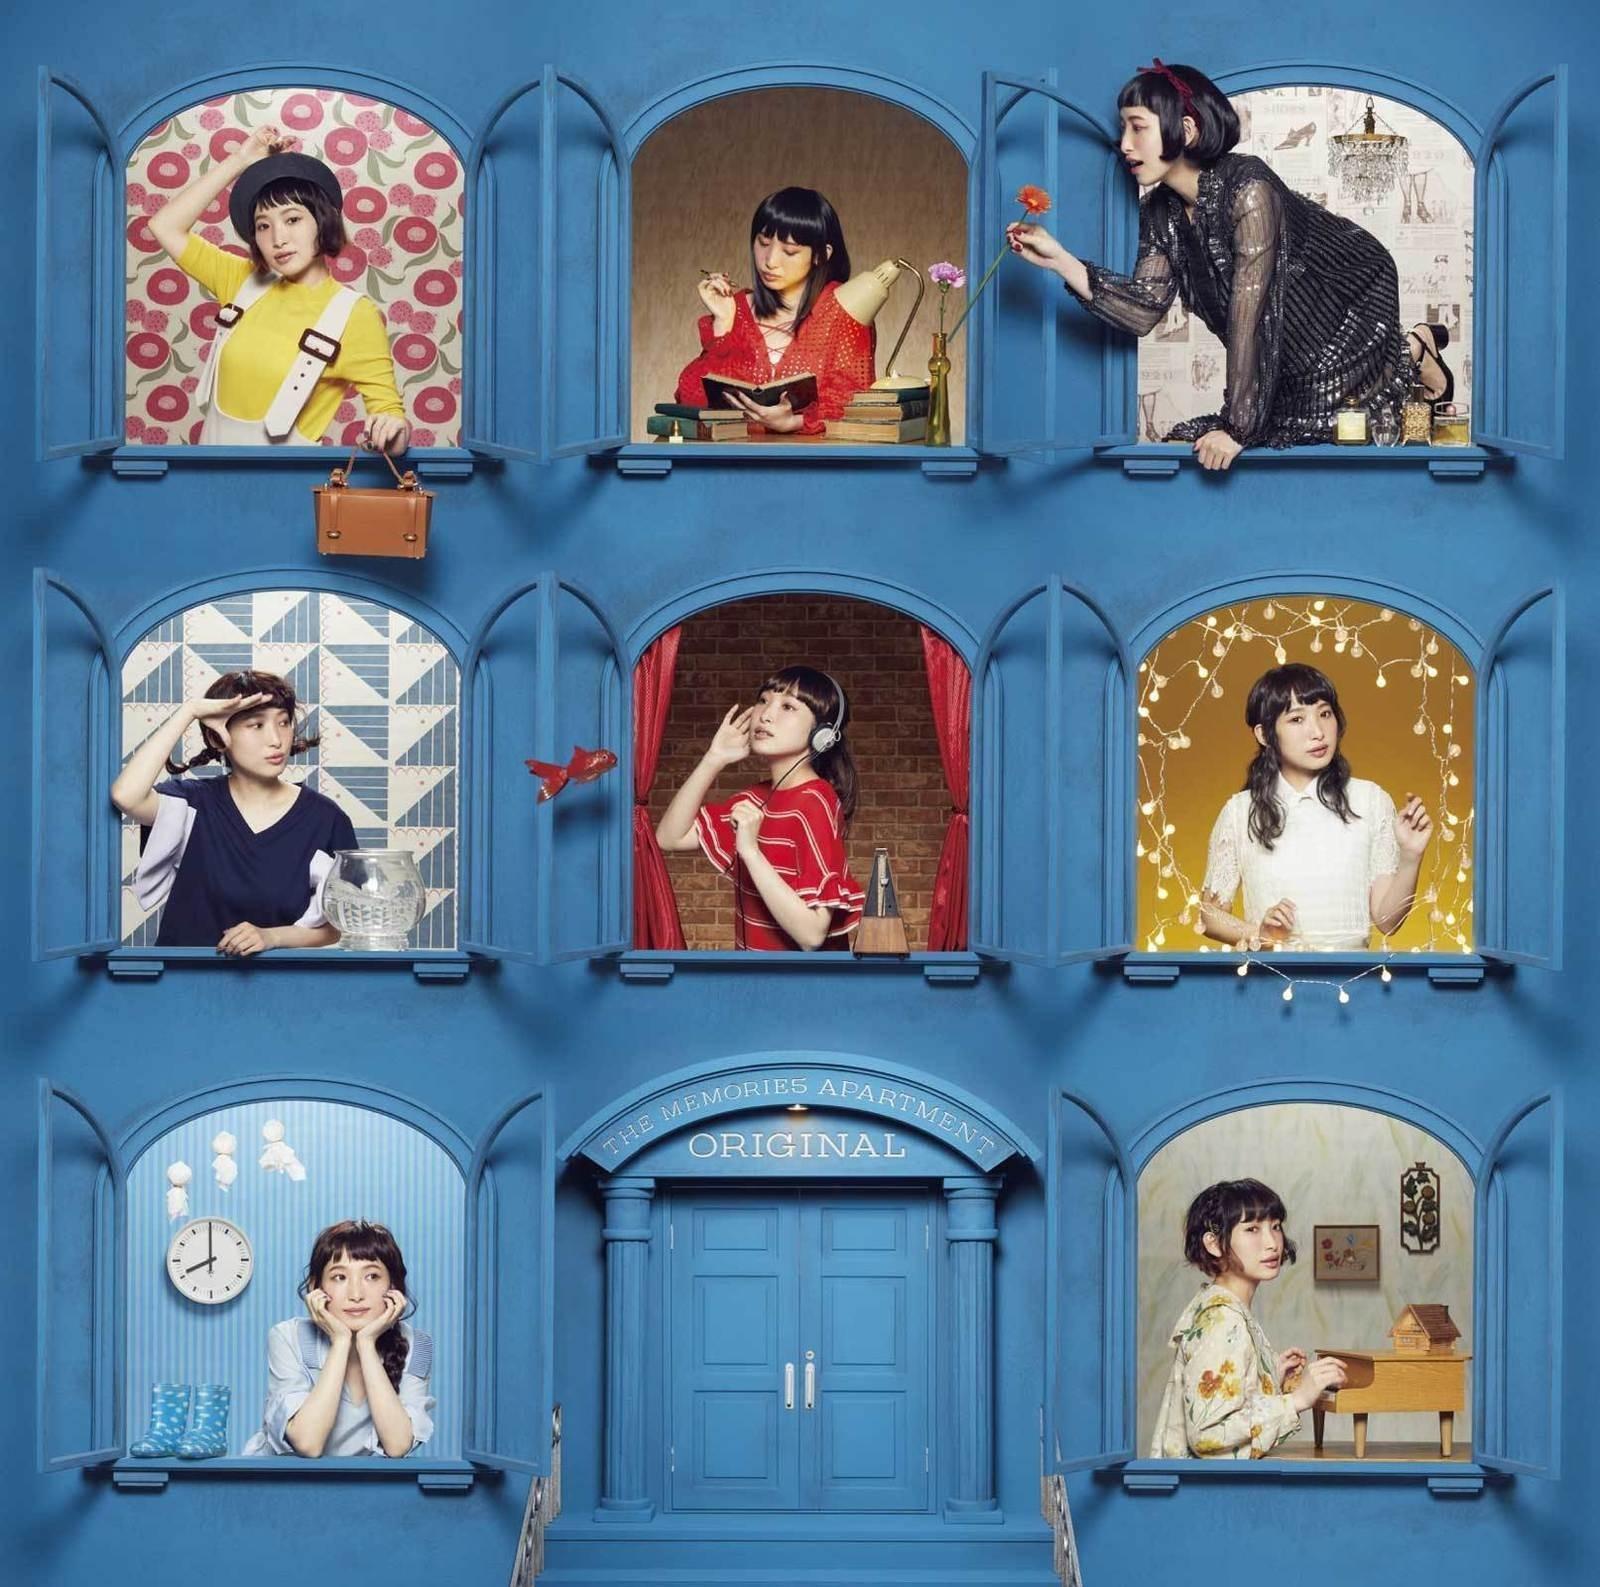 南條愛乃 (Yoshino Nanjo) – 南條愛乃 ベストアルバム THE MEMORIES APARTMENT – Original – [Mora FLAC 24bit/48kHz]